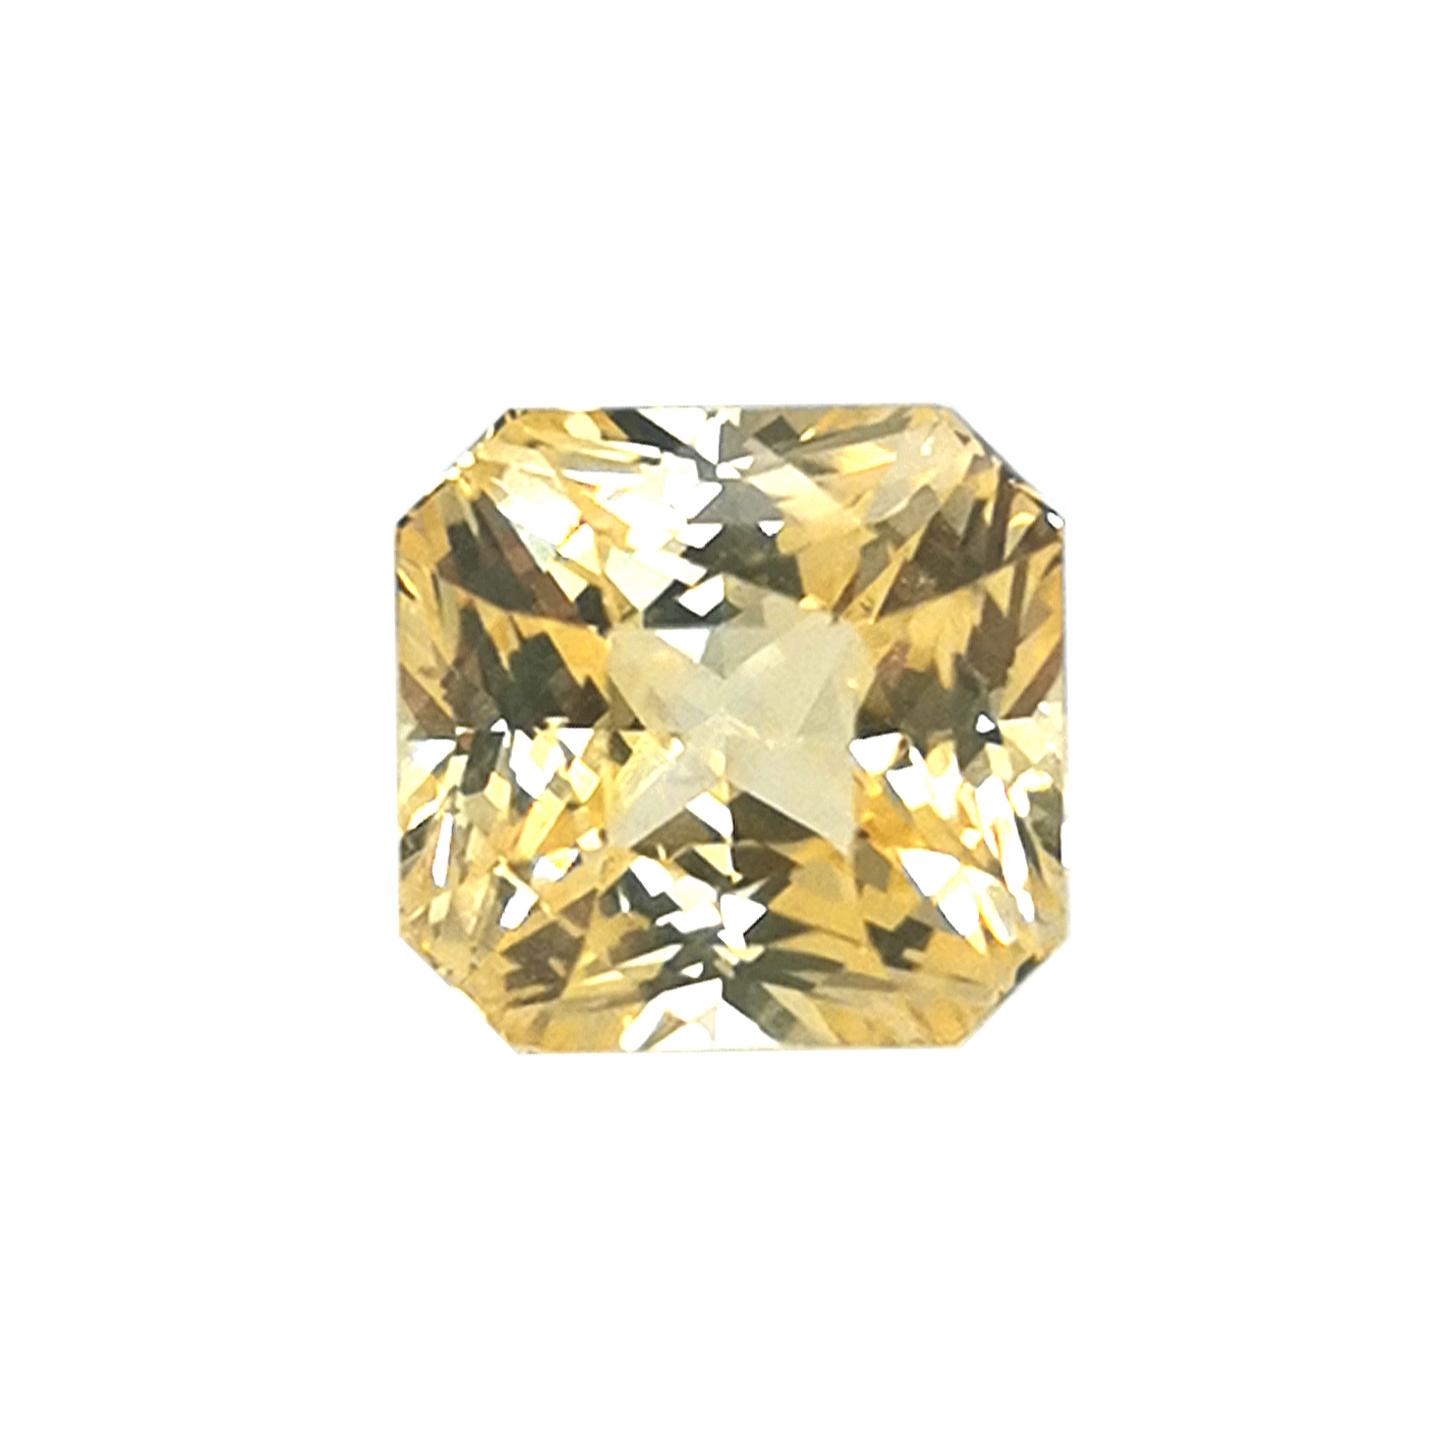 Gelber Saphir 6,56 ct Oktogonal / modifizierter Brillantschliff Sammler Edelstein mit Expertise